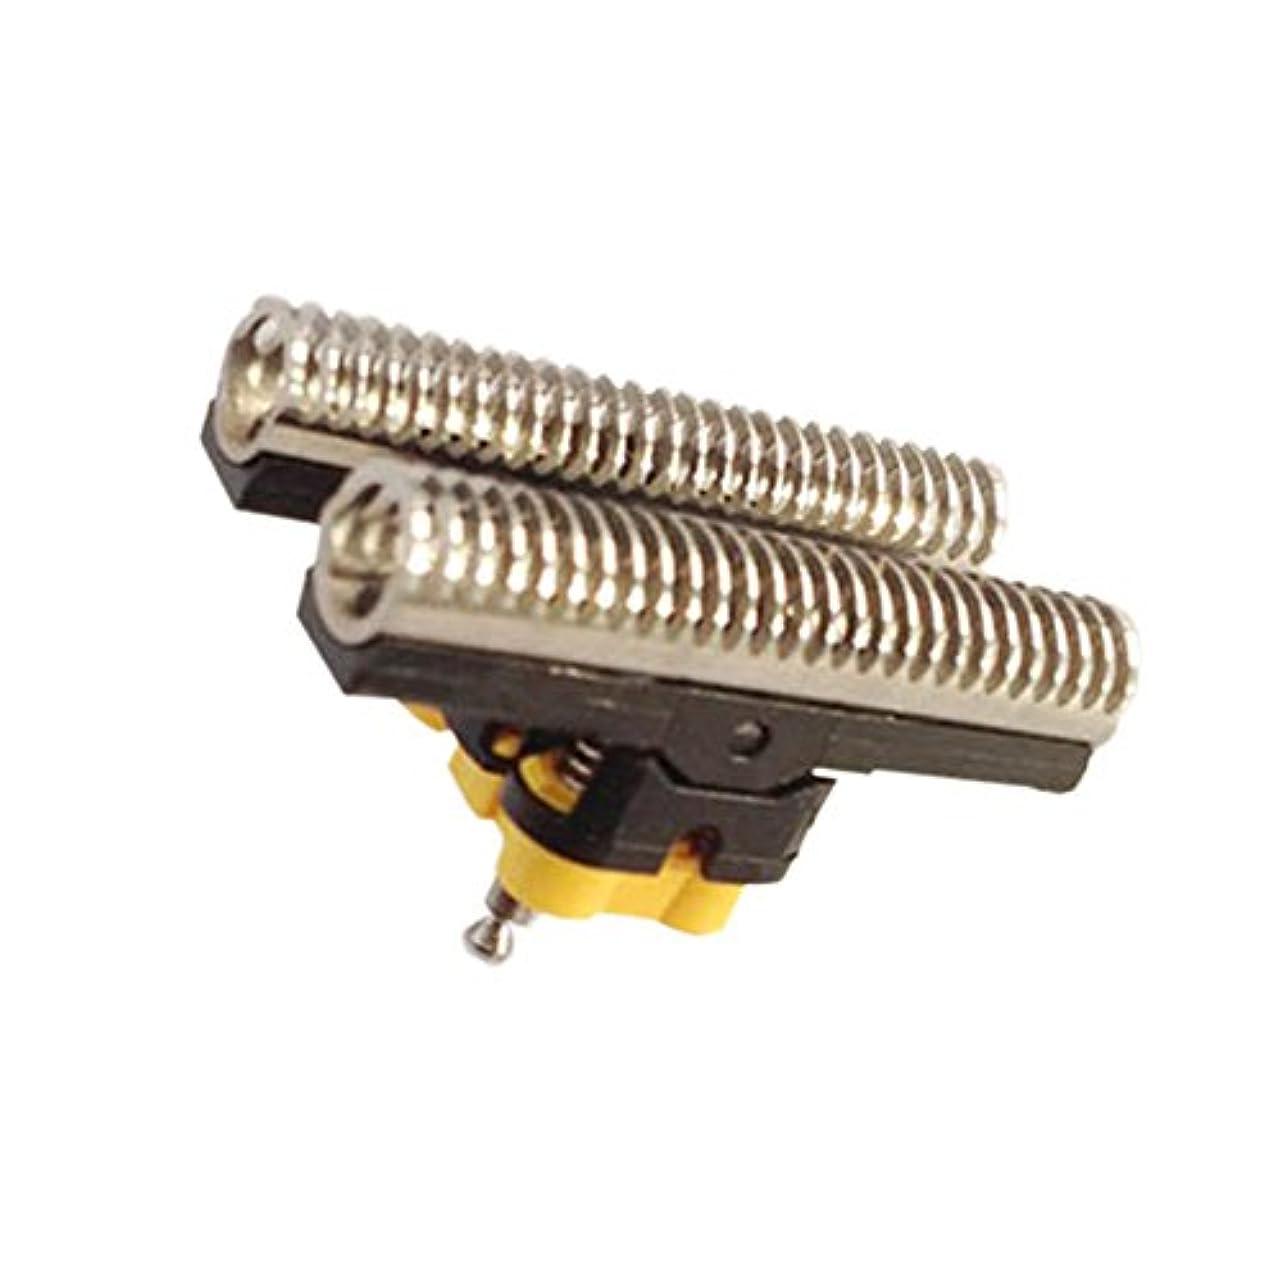 ひそかにである式HZjundasi Replacement シェーバー 刃 for Braun 8000/7000/6000/5000/4000/3/5 Series